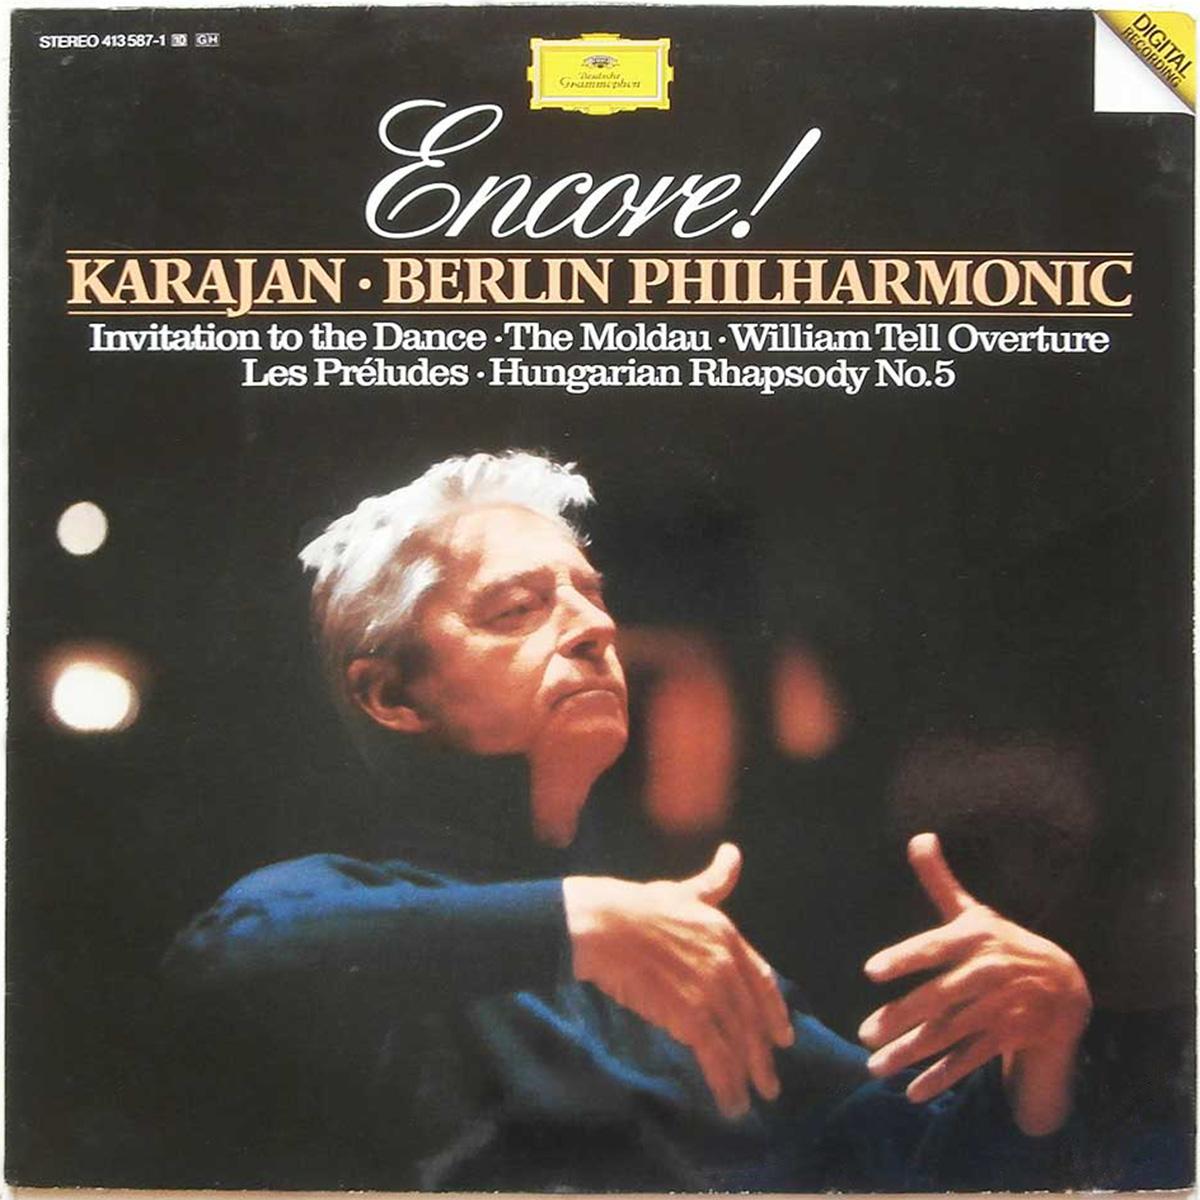 DGG 413 587 Encore Karajan DGG Digital Aufnahme